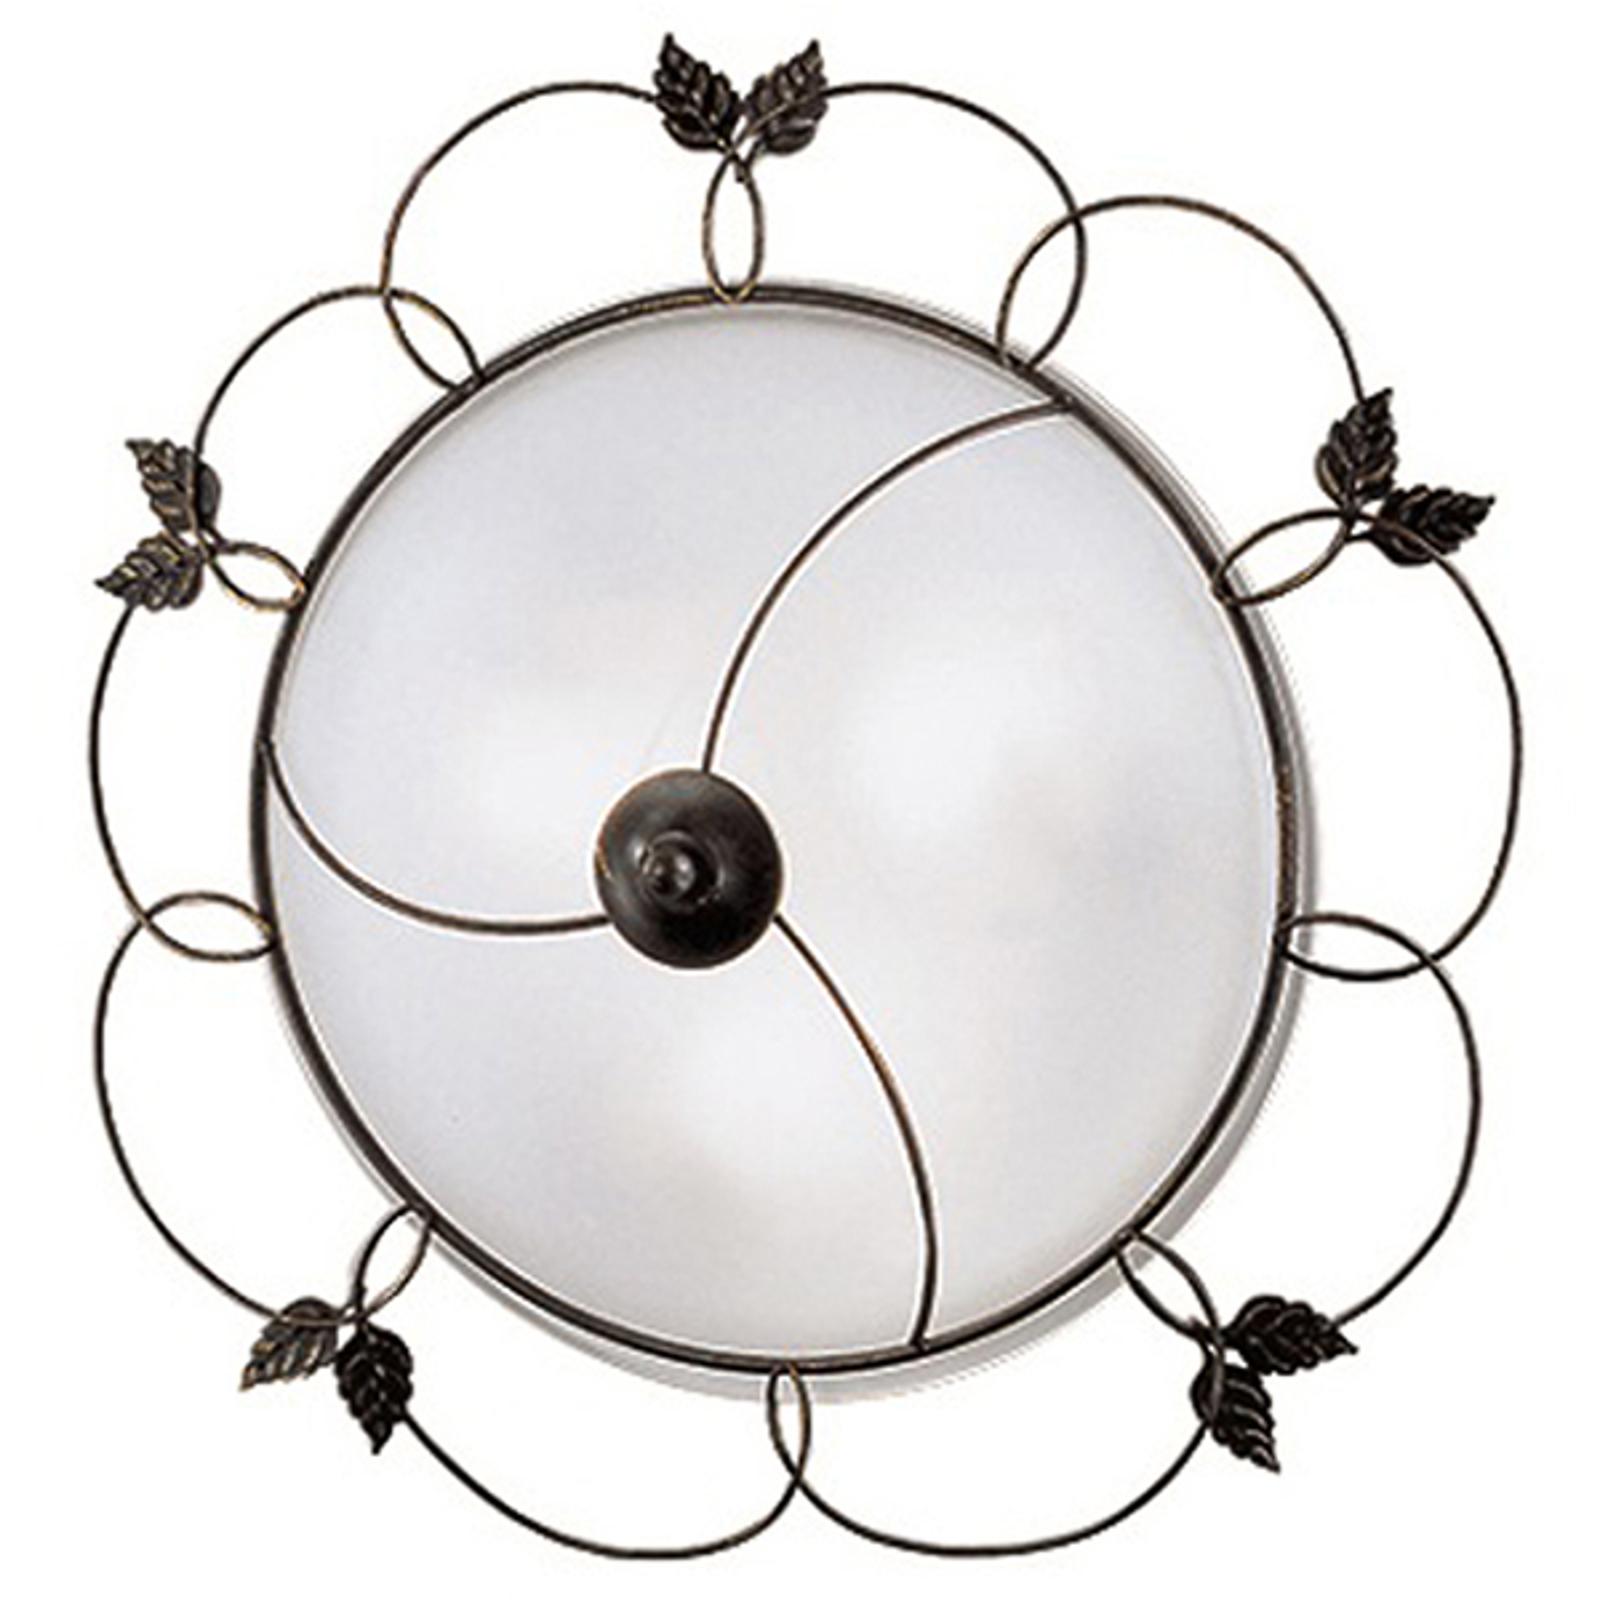 Lampa sufitowa FLORA by Kögl, 64 cm